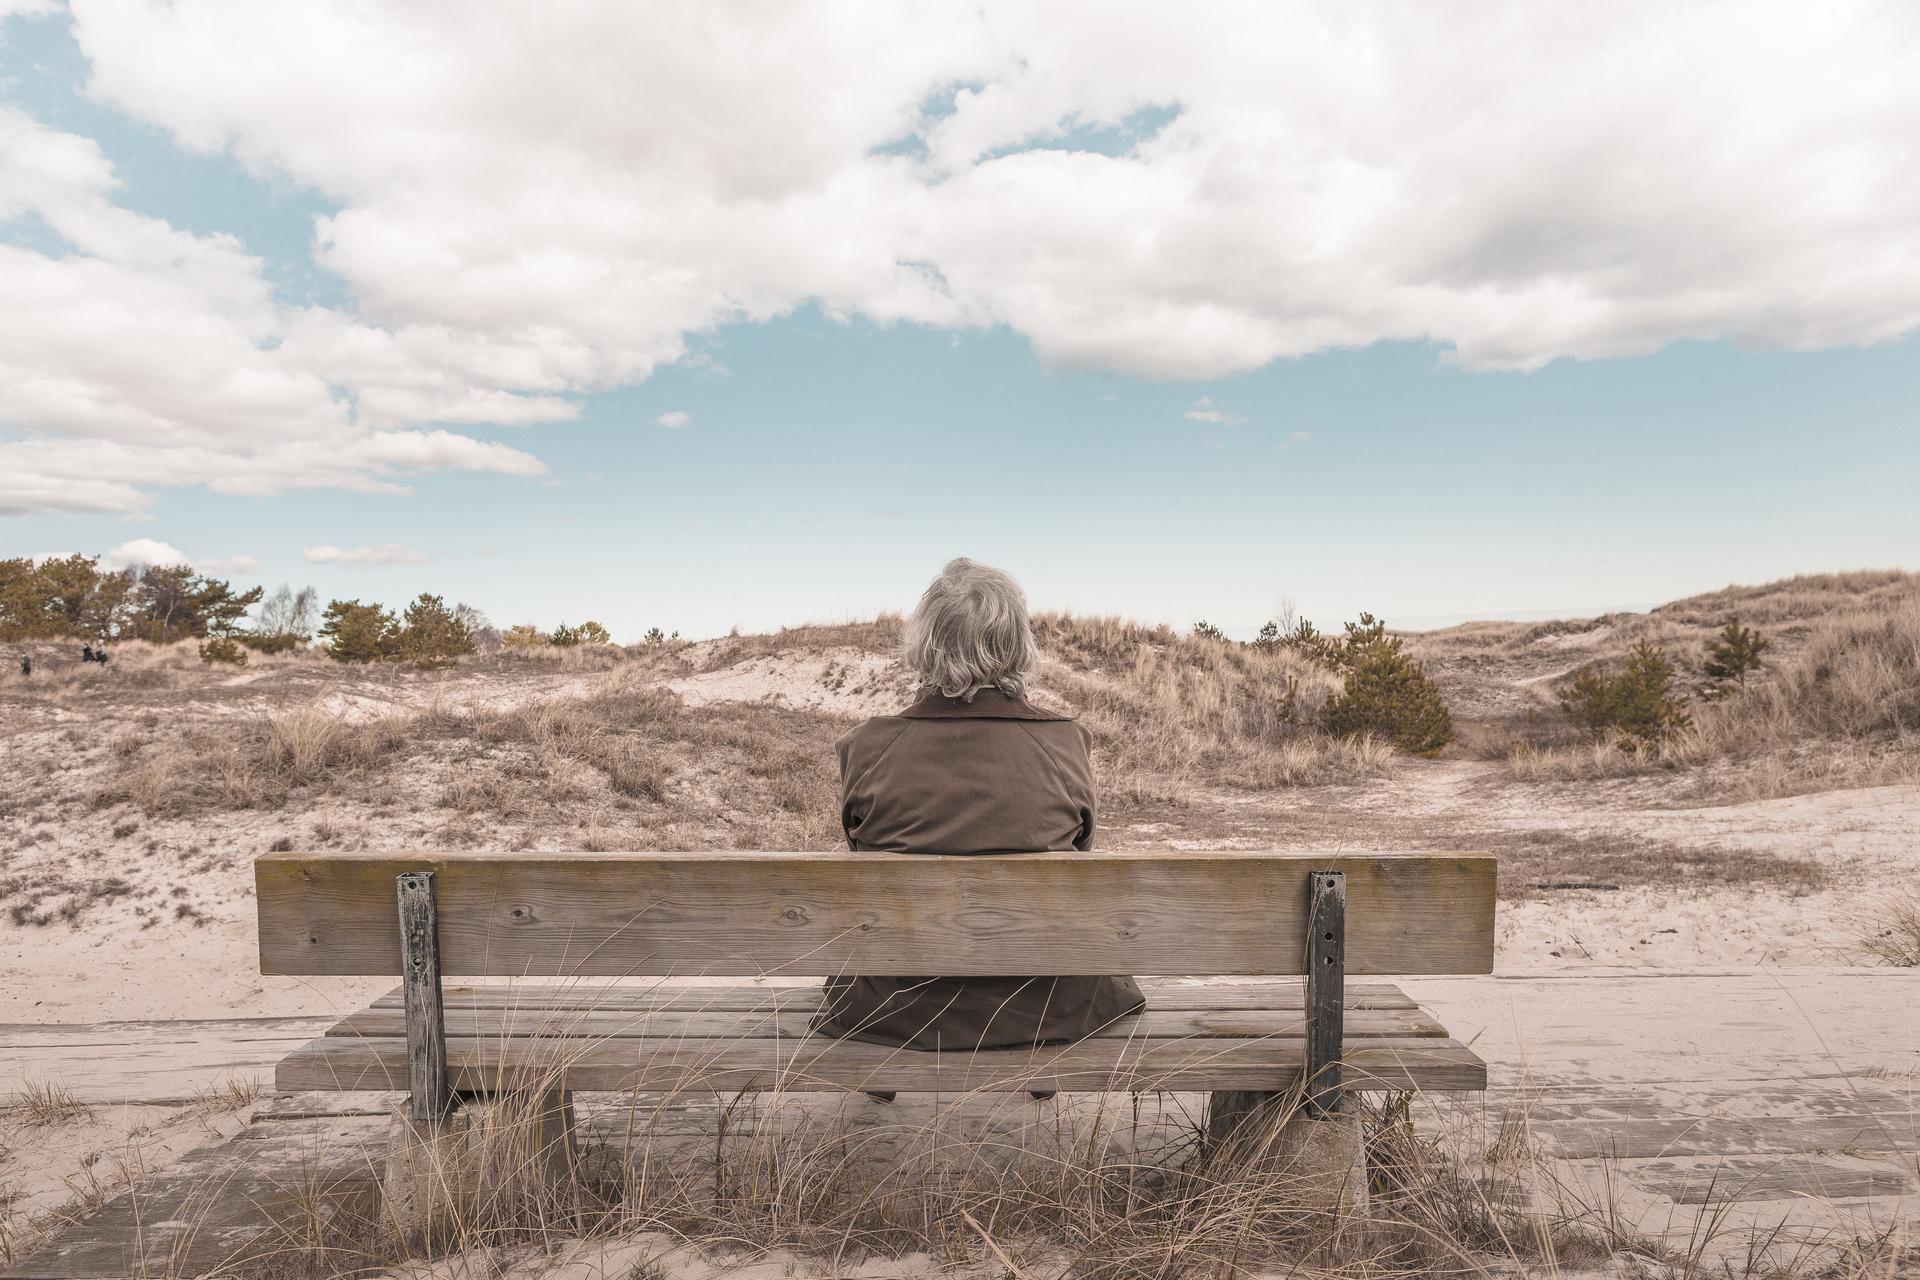 Skola tėvams: priežiūra ir globa senatvėje